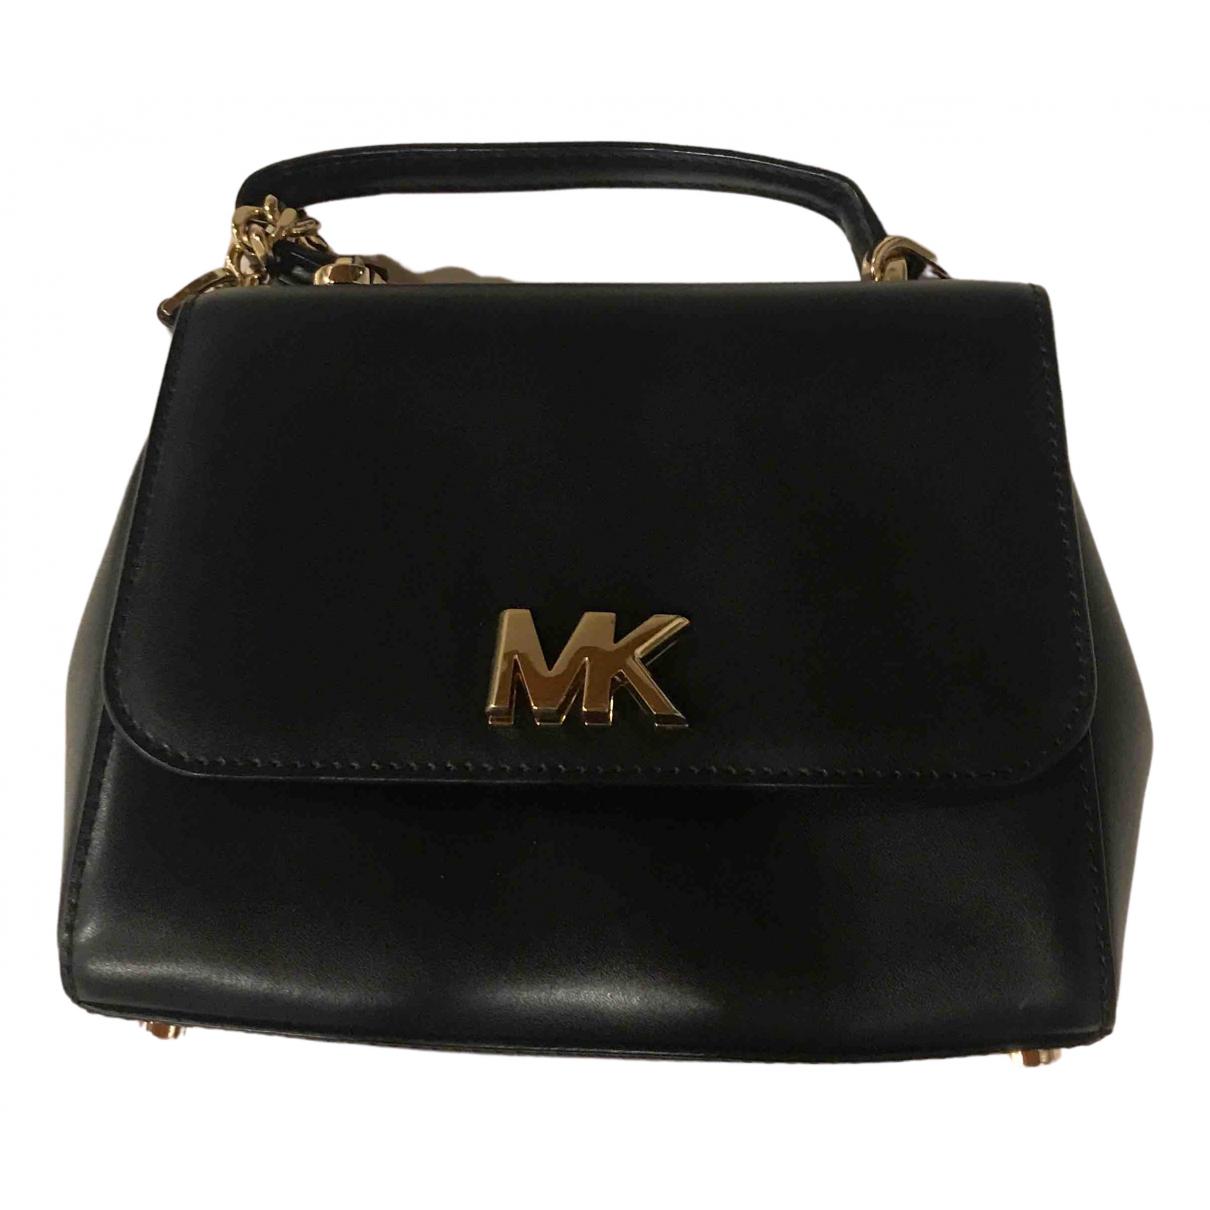 Michael Kors - Sac a main   pour femme en cuir - noir